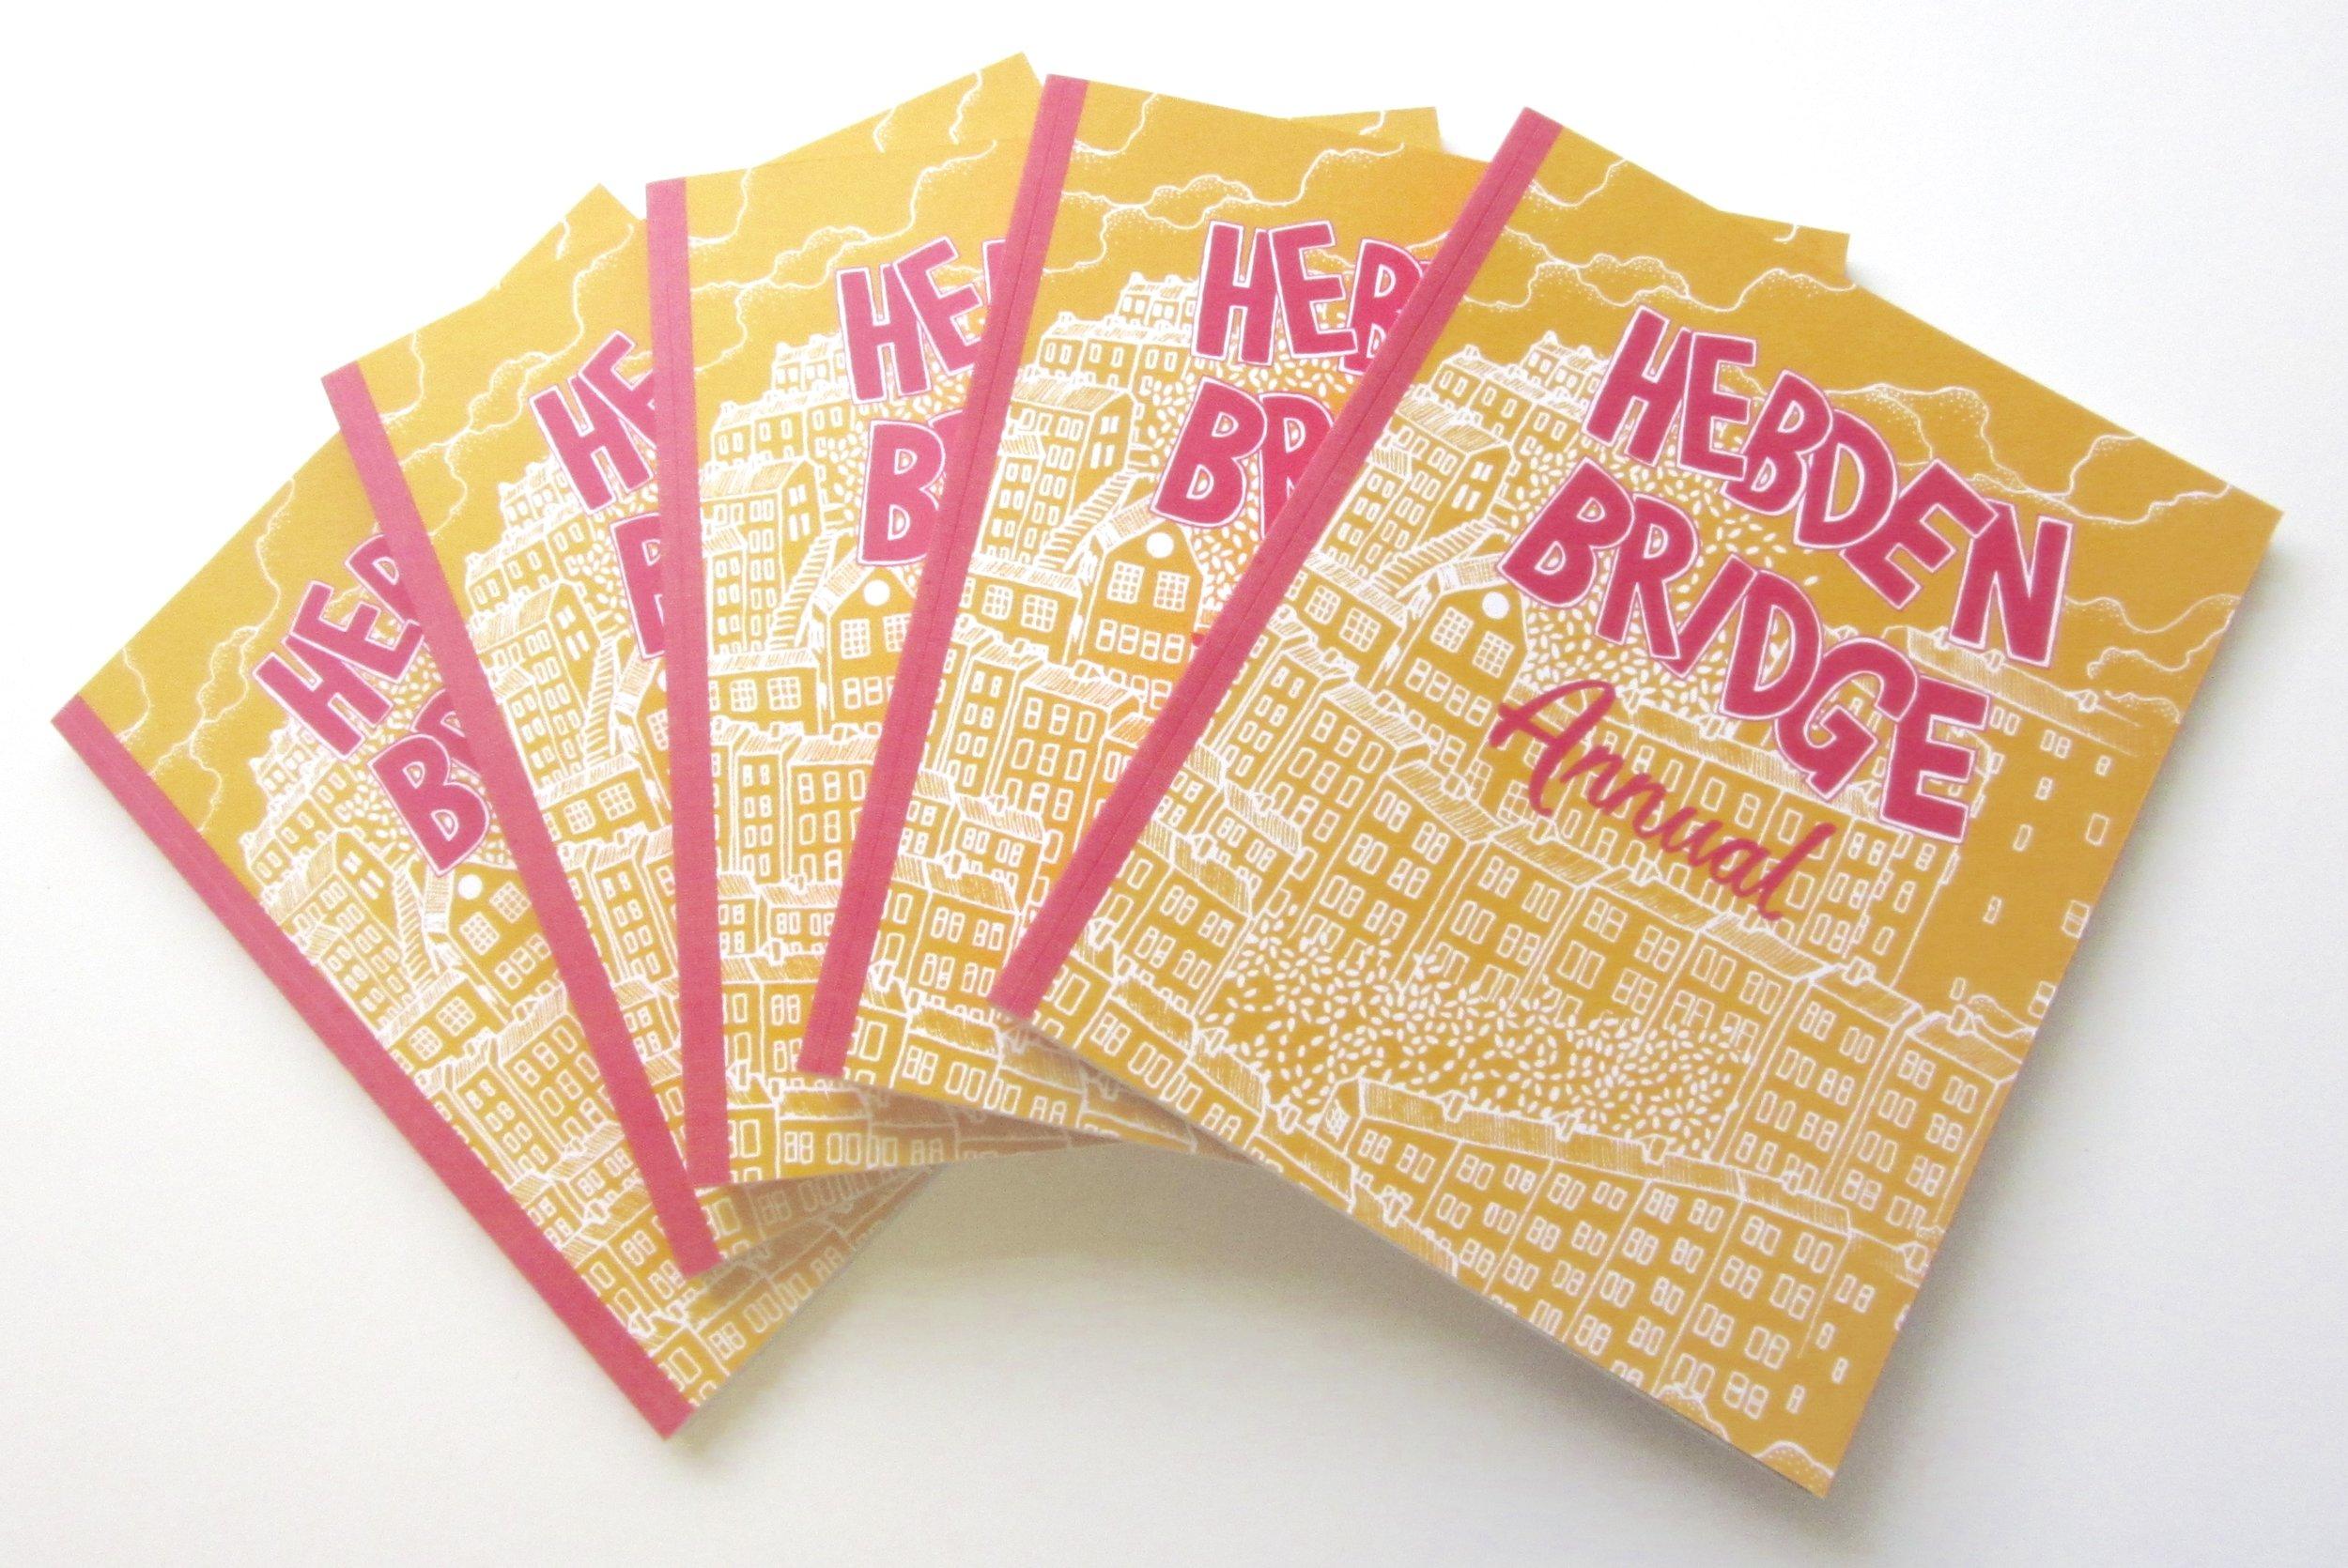 hebden bridge annual